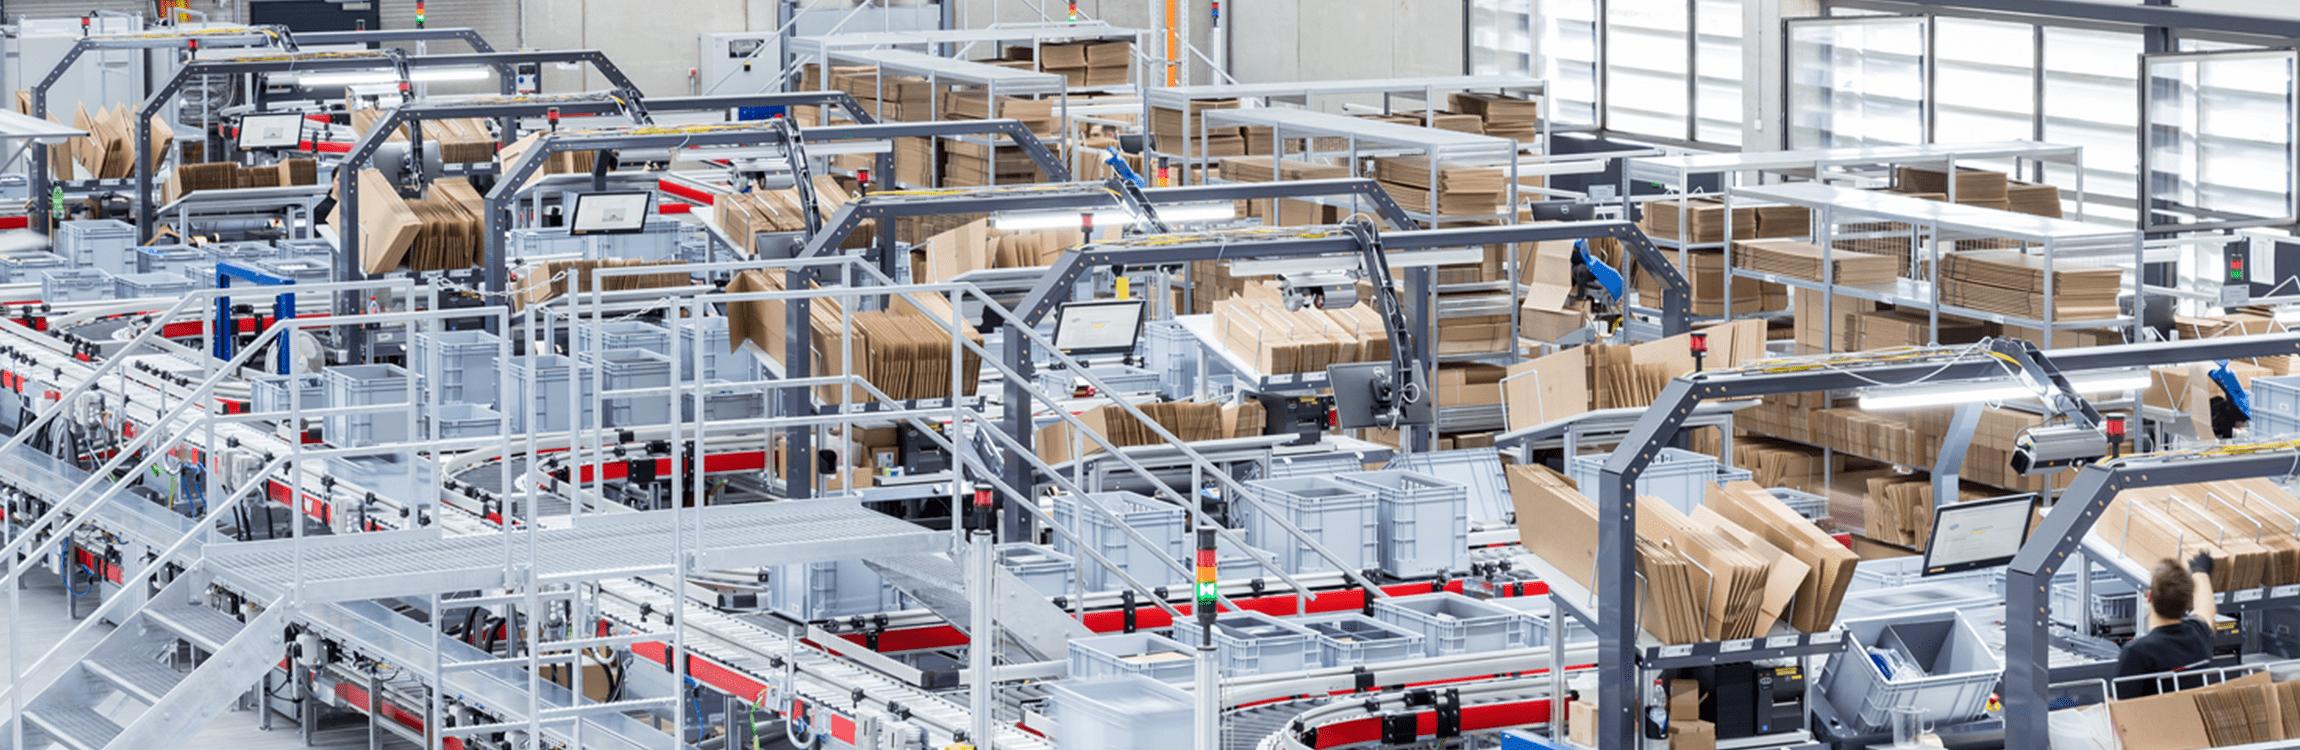 Neues Distributionszentrum für Würth eisos